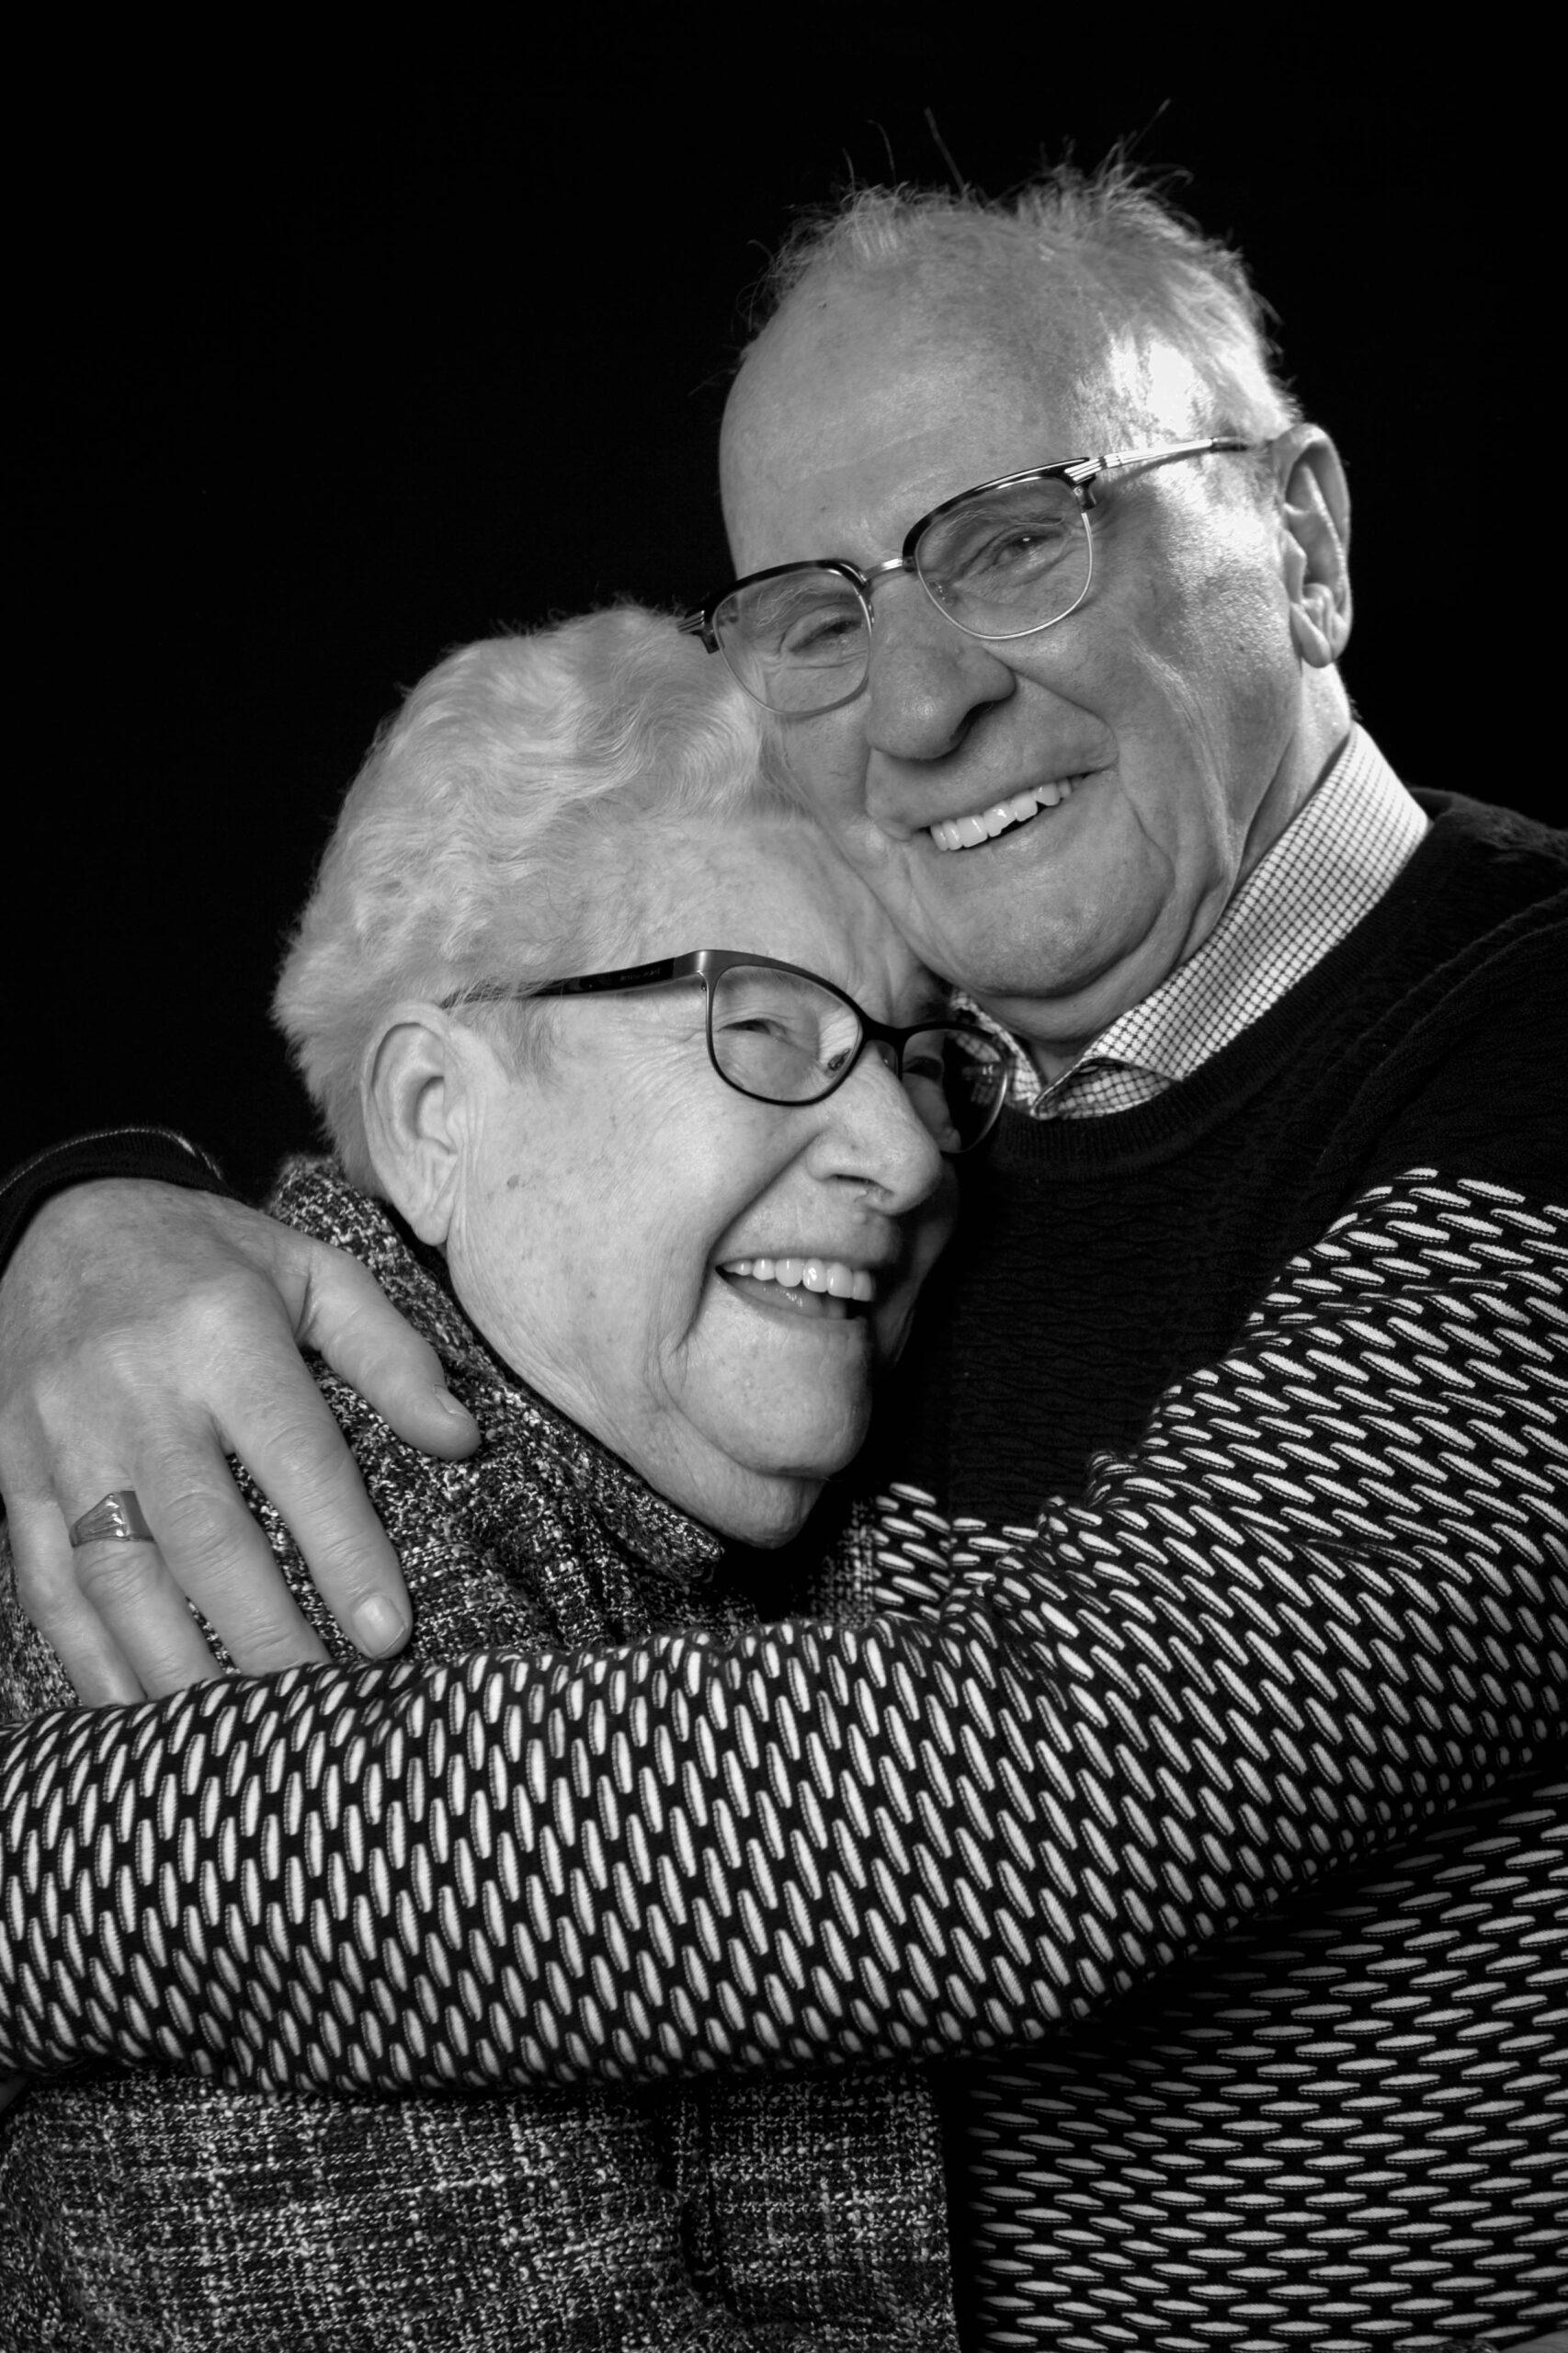 Juist ook bij seniorenfotografie streef ik ernaar om de persoonlijkheid van de mensen vast te leggen zoals ze echt zijn.